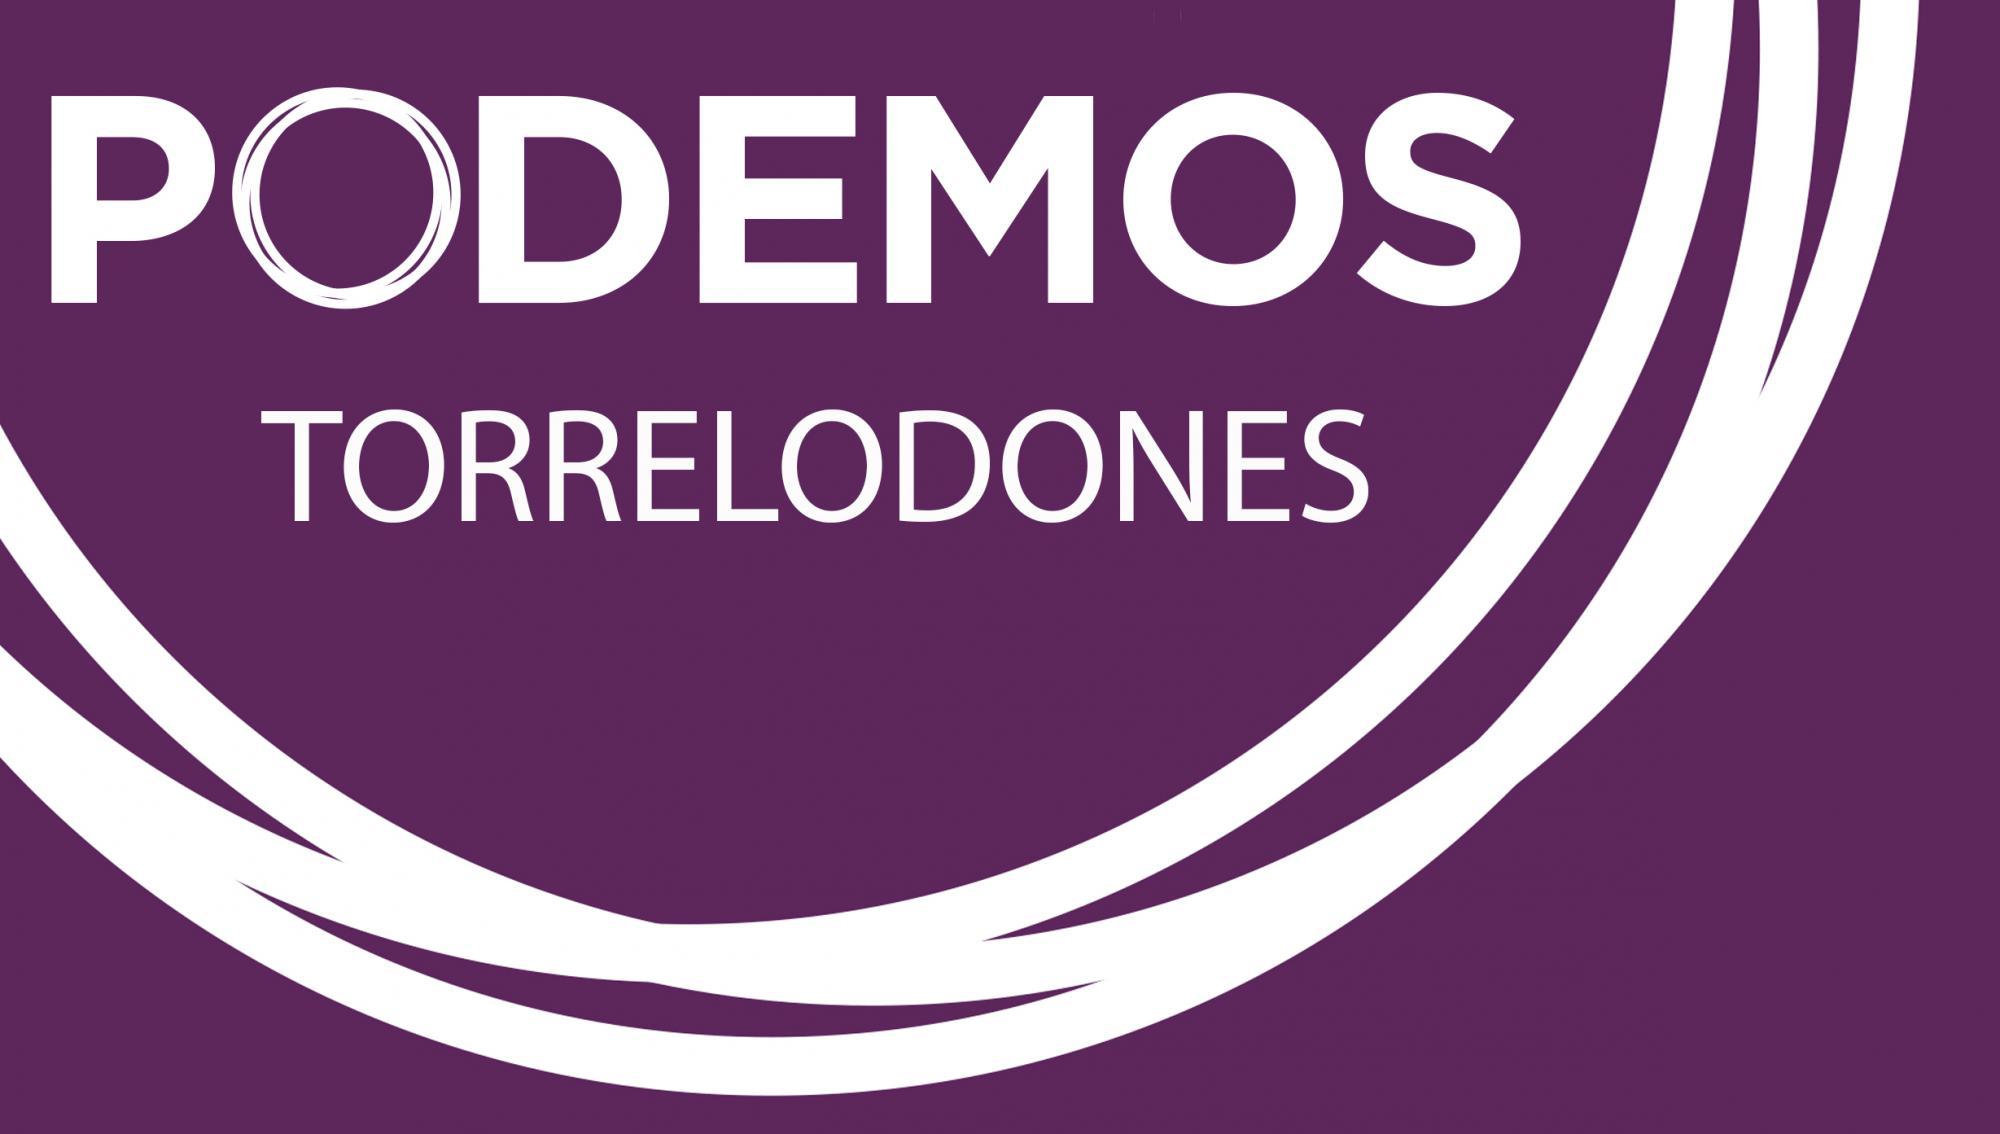 PODEMOS Torrelodones hace público un manifiesto sobre las próximas elecciones municipales